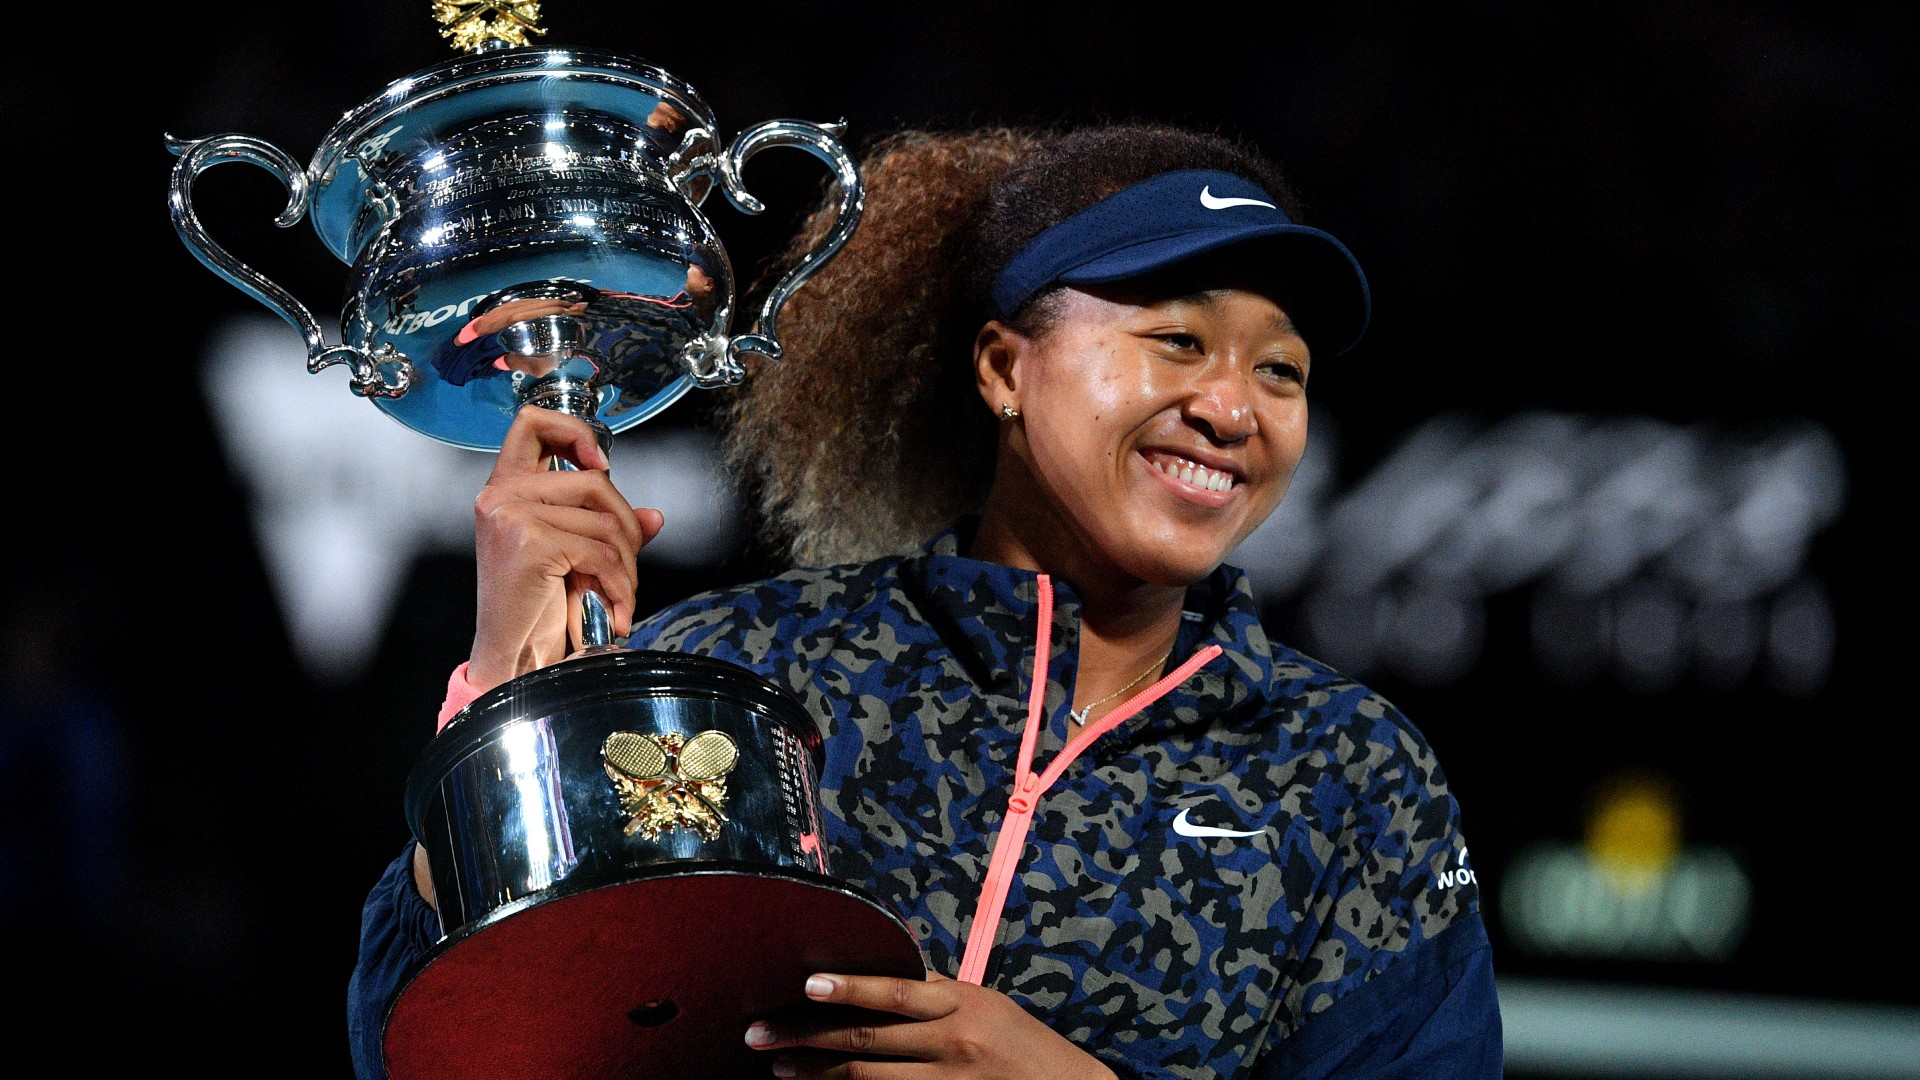 Australian Open 2021: Naomi Osaka beats Jennifer Brady in straight sets to take women's title